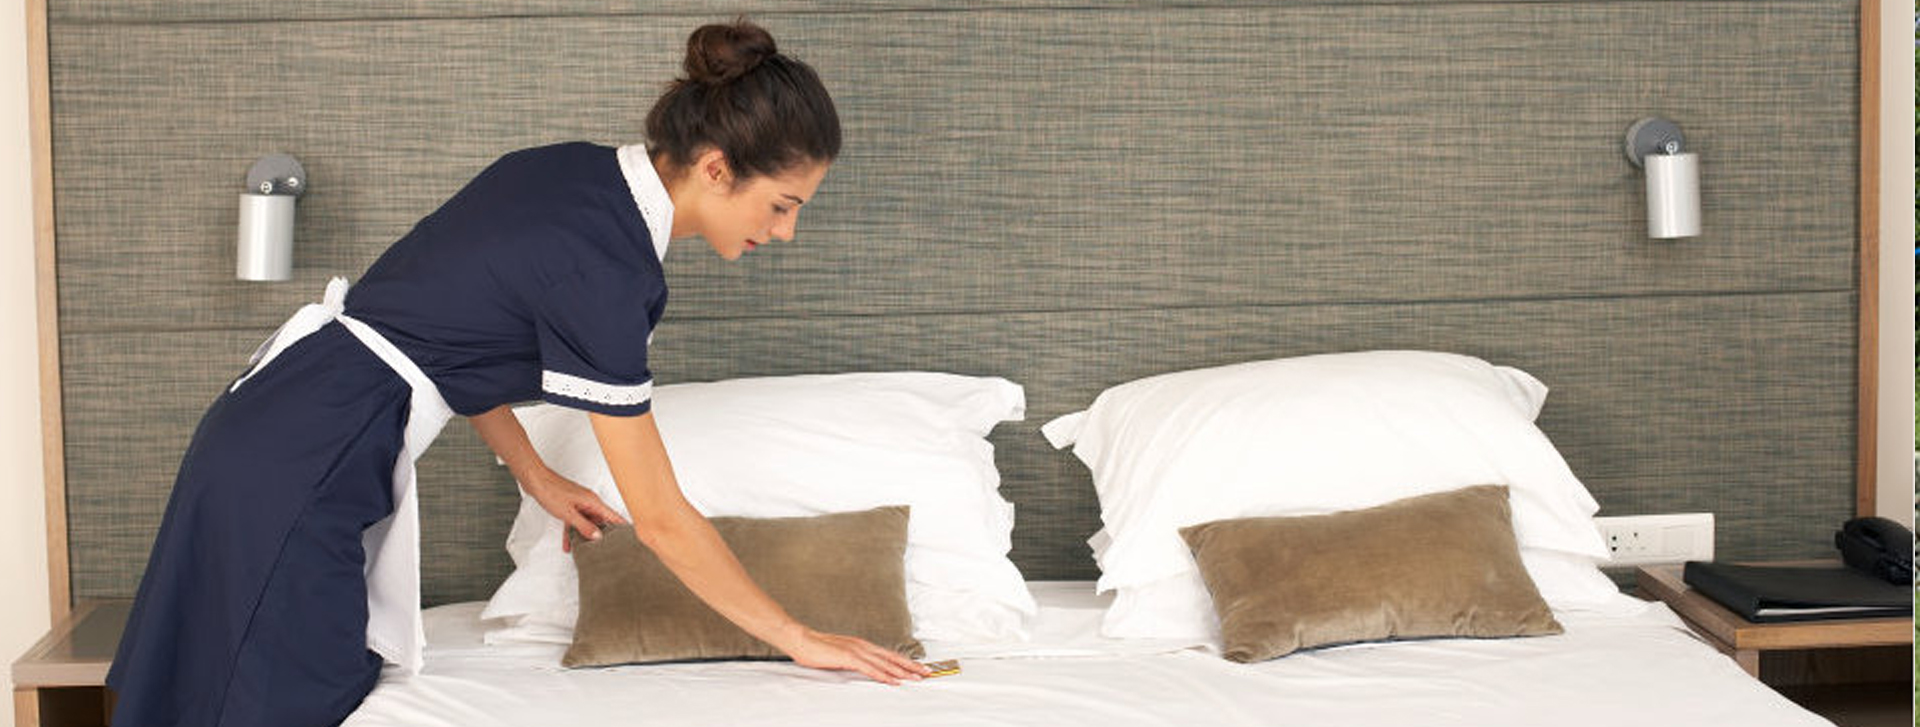 ¿cómo hacer una limpieza del dormitorio?